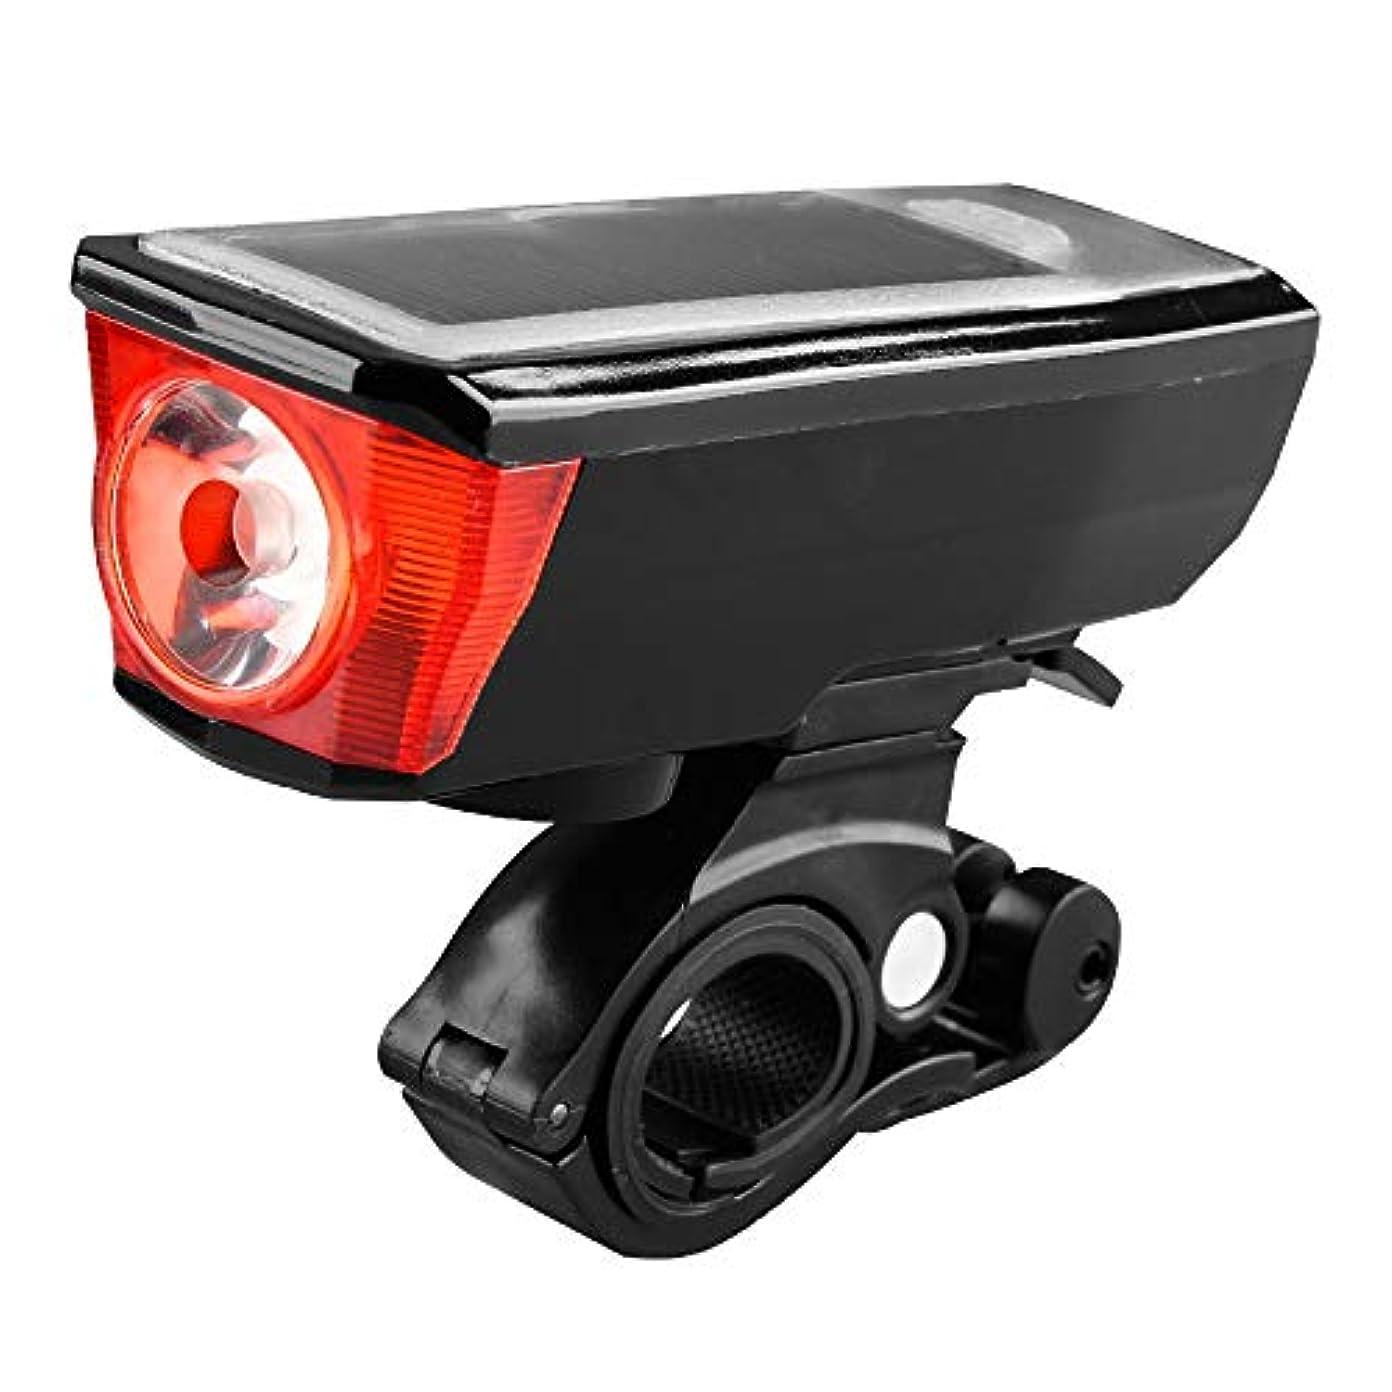 ナラーバー重荷陽気なLumières de vélo rechargeables ソーラーエネルギーチャージ付きの完全防水充電式マウンテンバイク、ロードバイク用ヘッドライト(現在8時間)